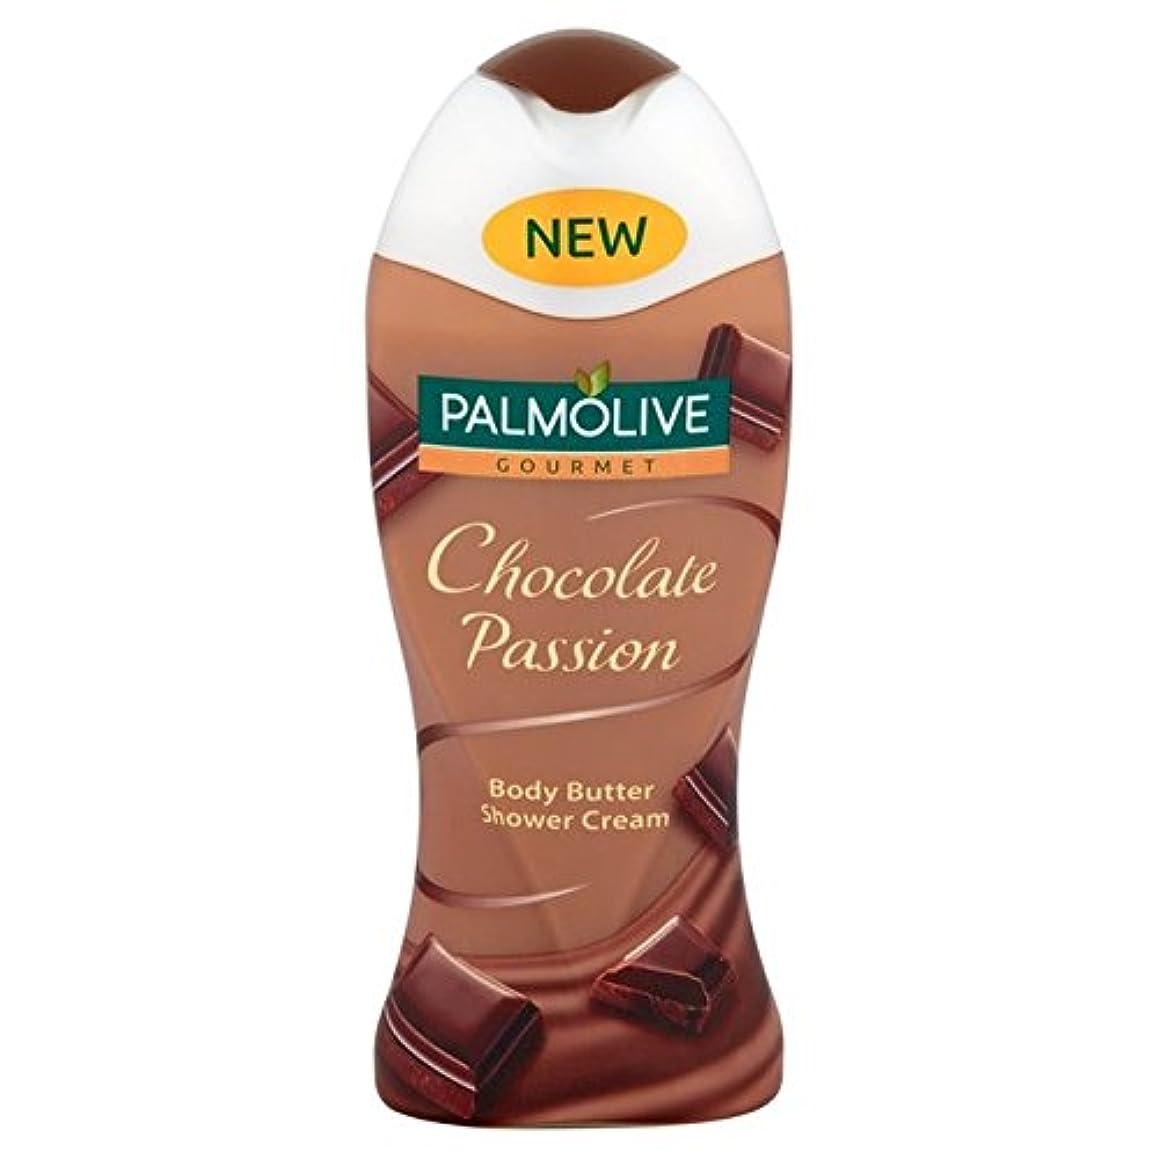 予見する関連付ける苦痛パルモグルメチョコレートシャワージェル250ミリリットル x4 - Palmolive Gourmet Chocolate Shower Gel 250ml (Pack of 4) [並行輸入品]